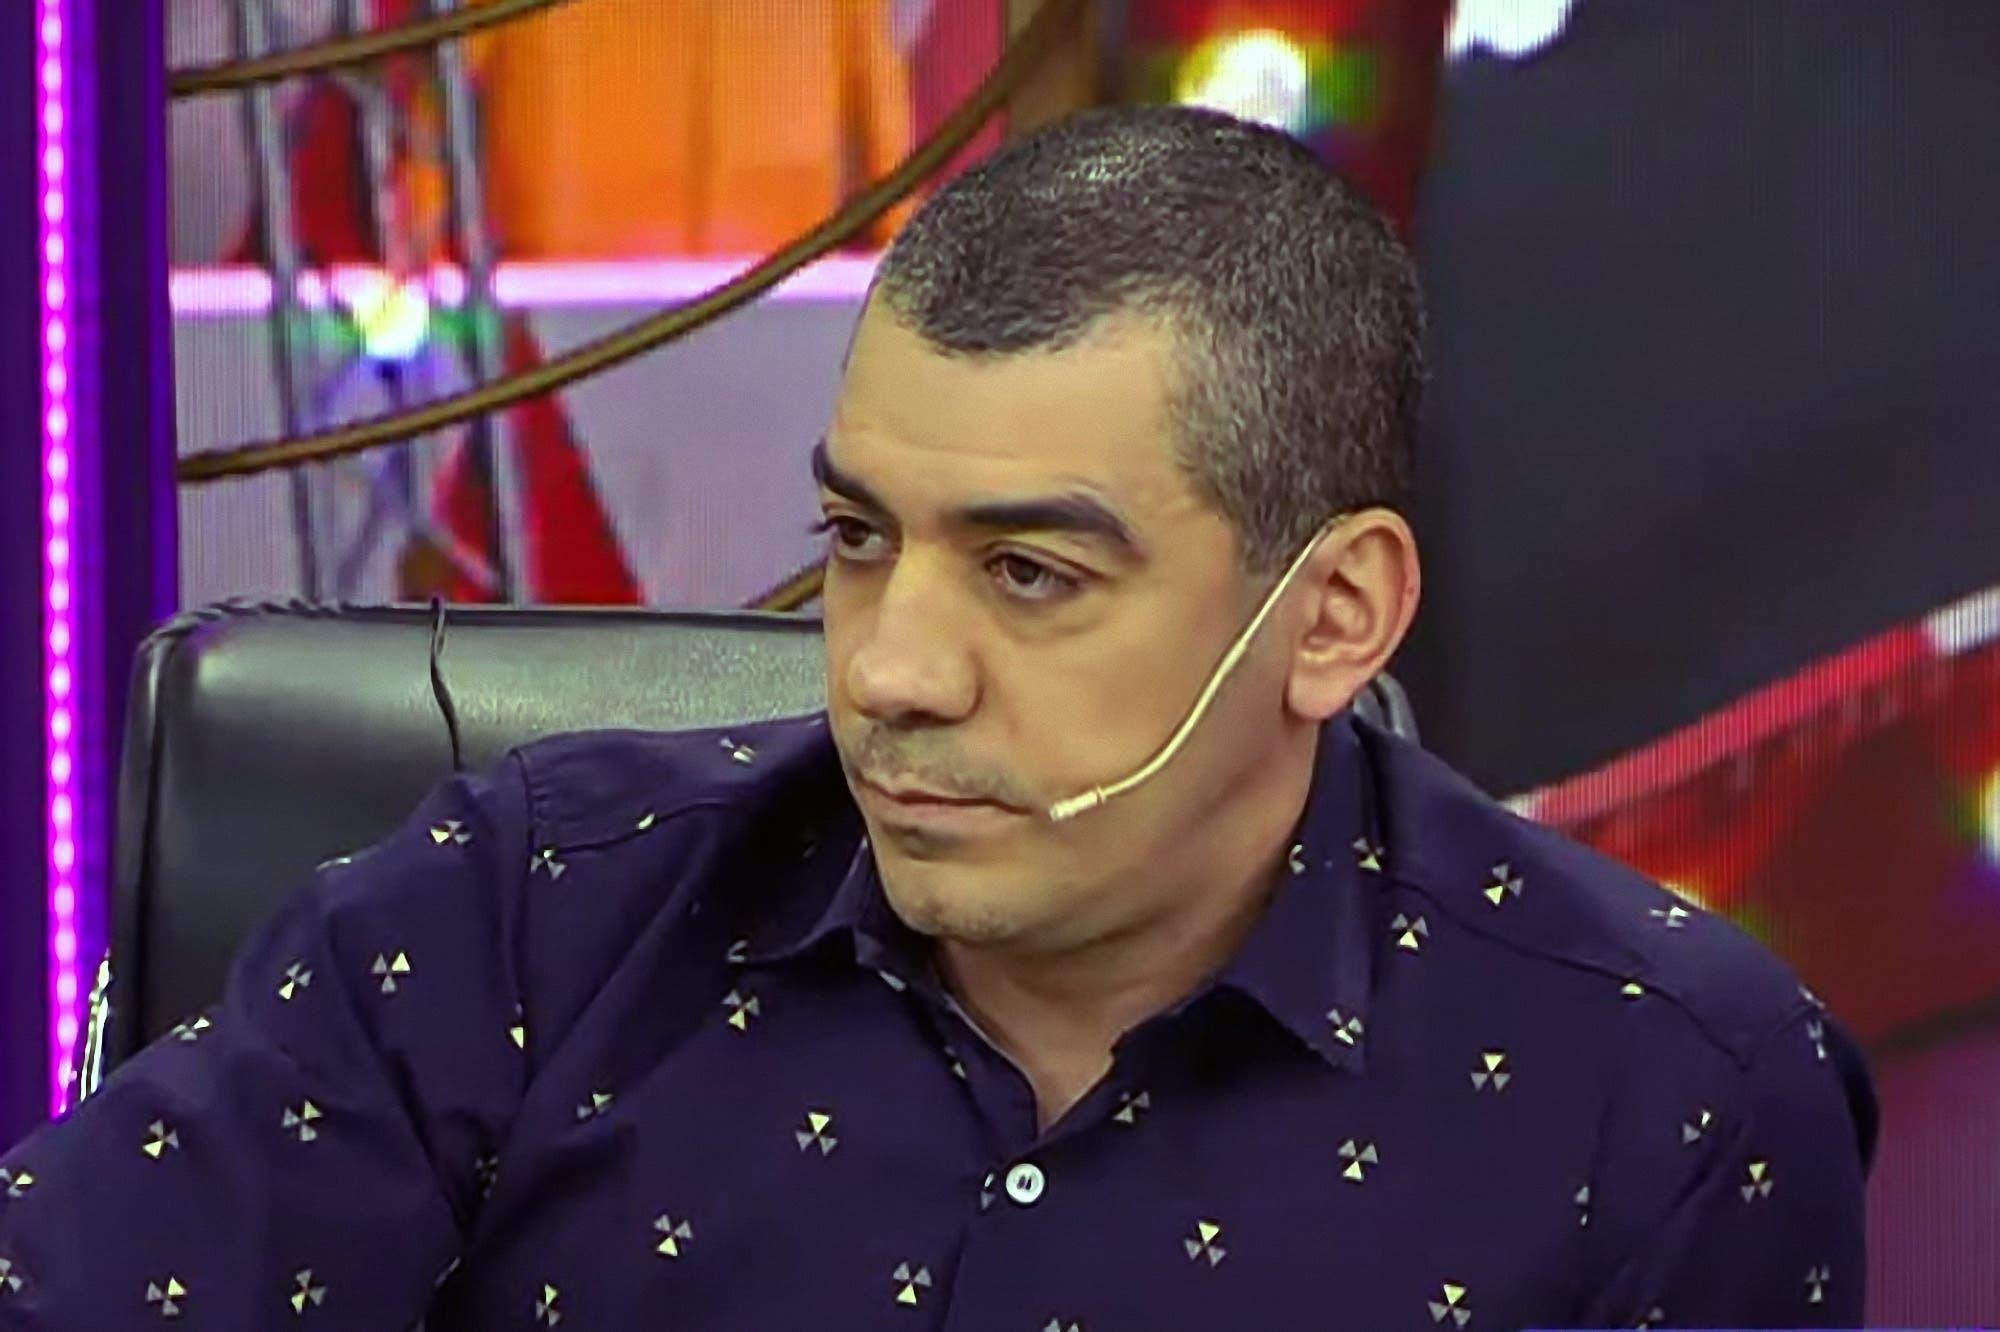 Walter Queijeiro